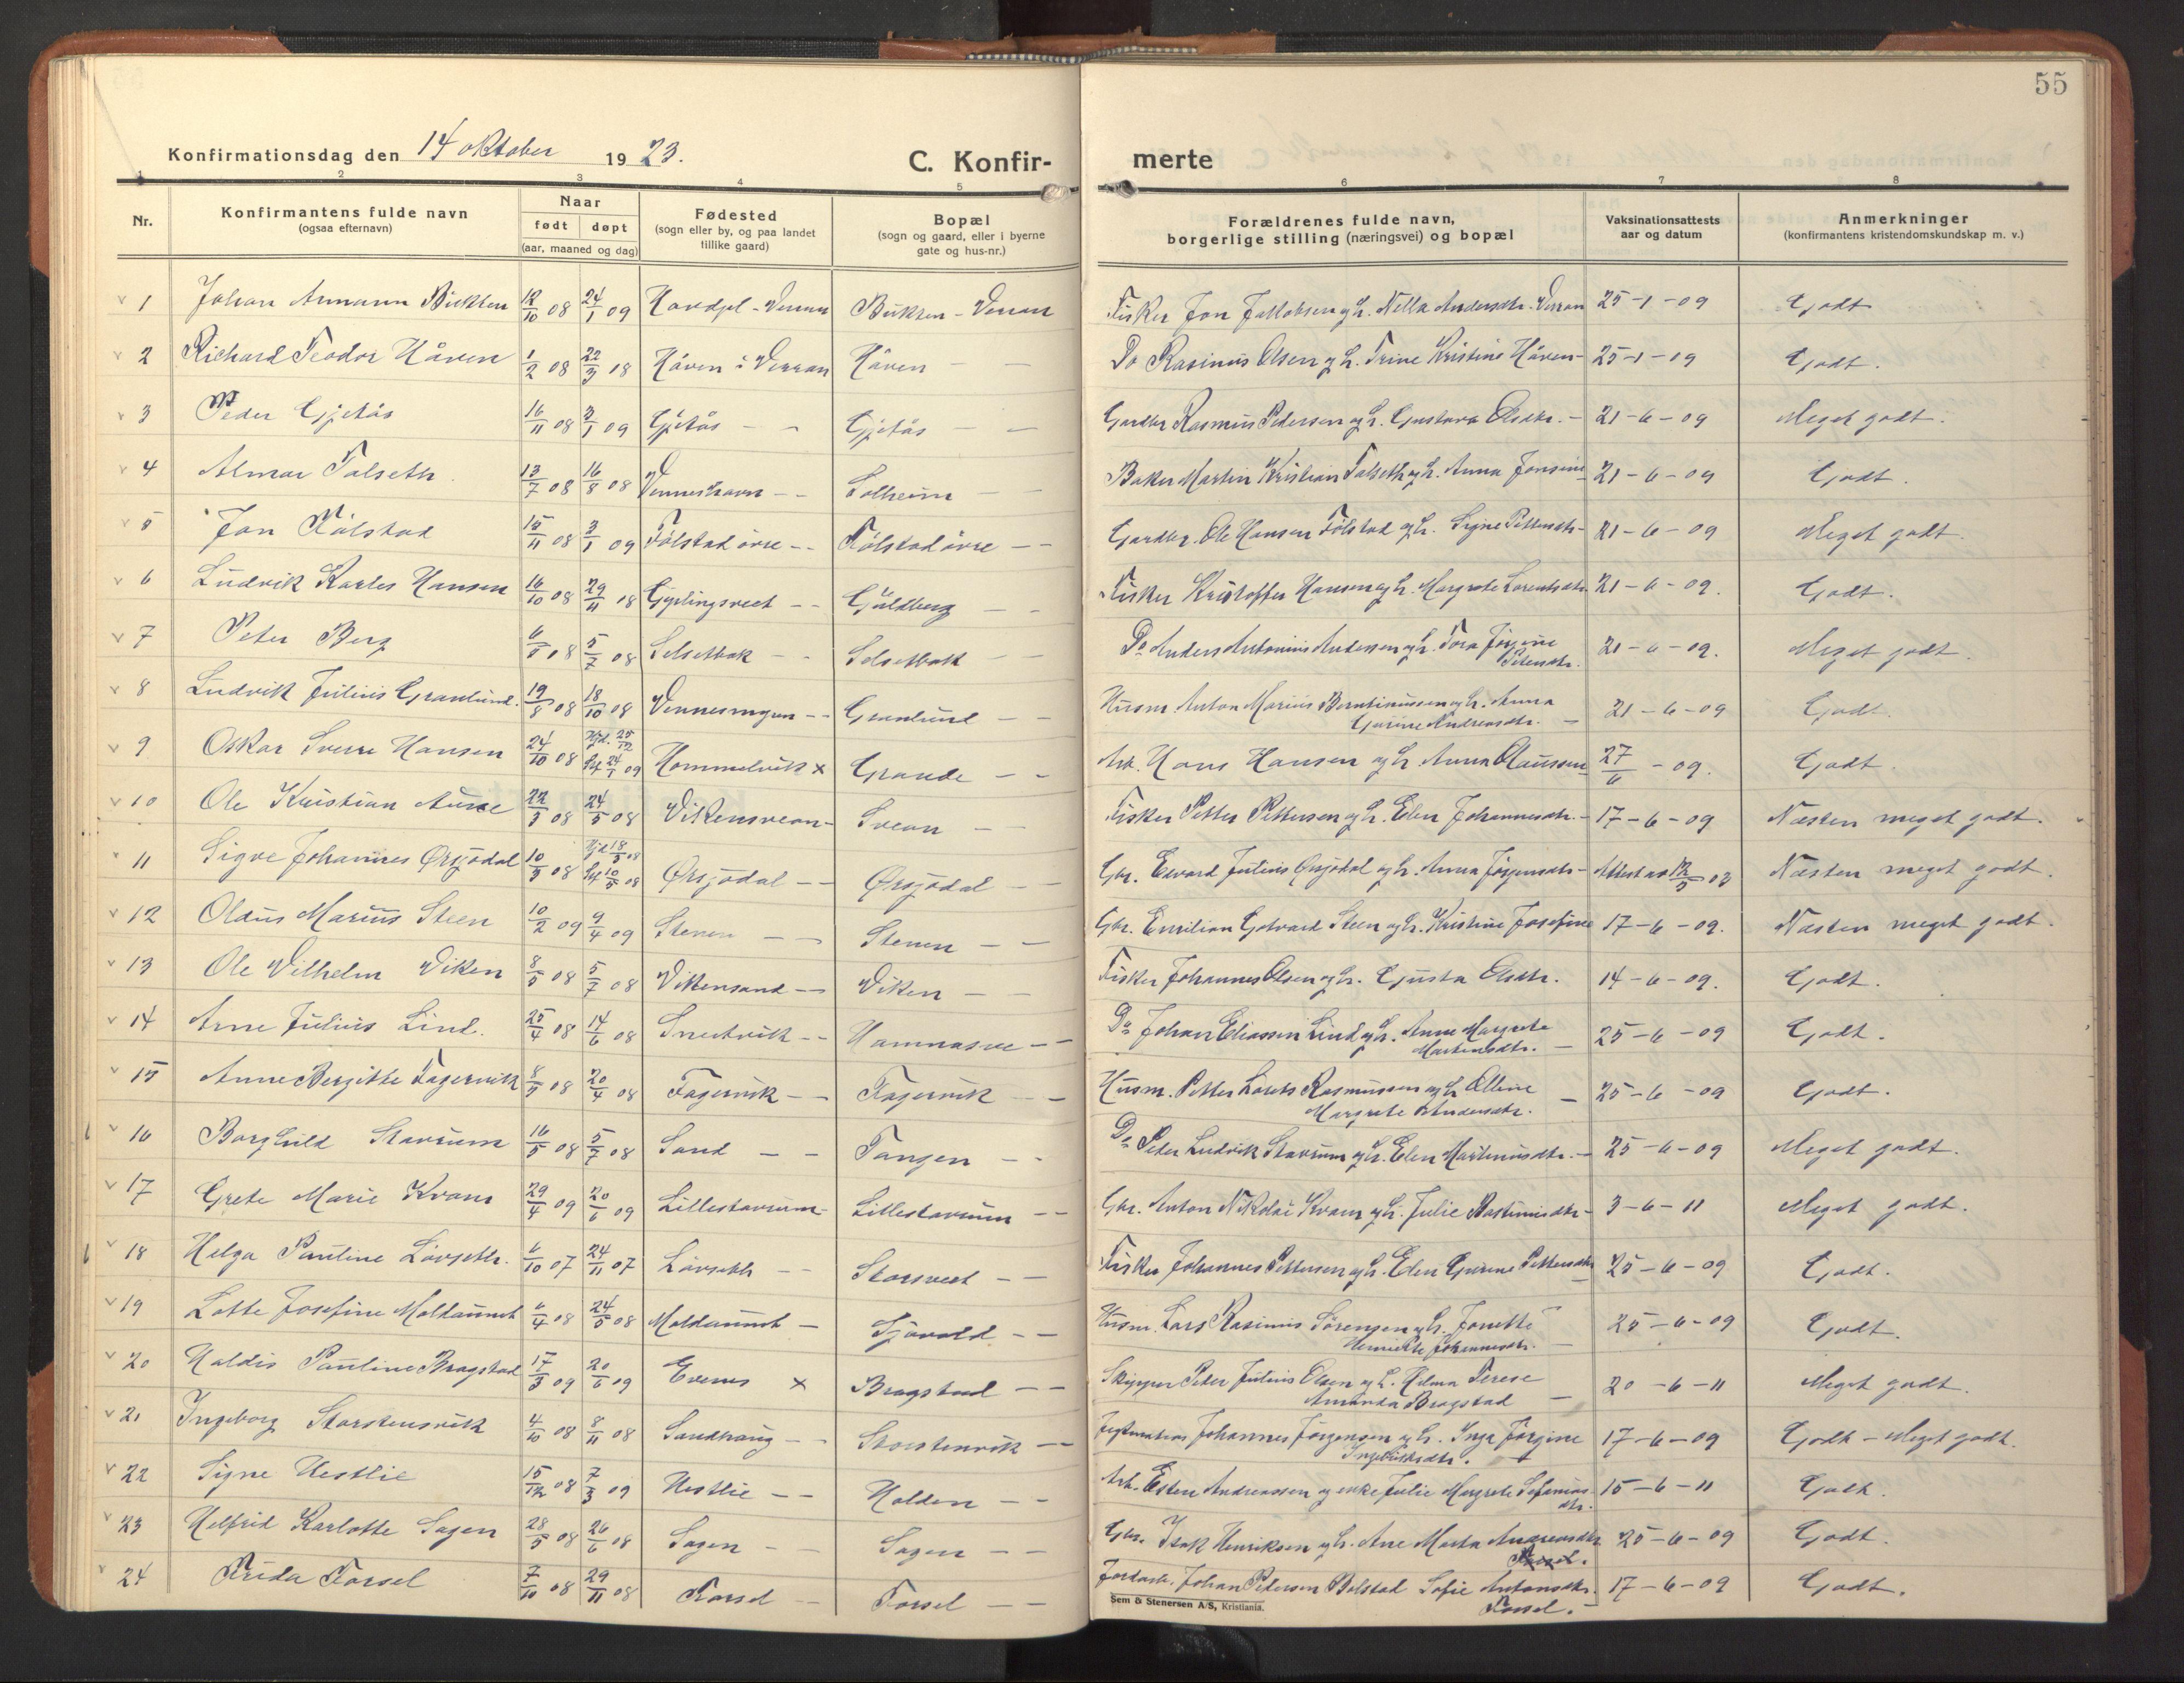 SAT, Ministerialprotokoller, klokkerbøker og fødselsregistre - Nord-Trøndelag, 744/L0425: Klokkerbok nr. 744C04, 1924-1947, s. 55